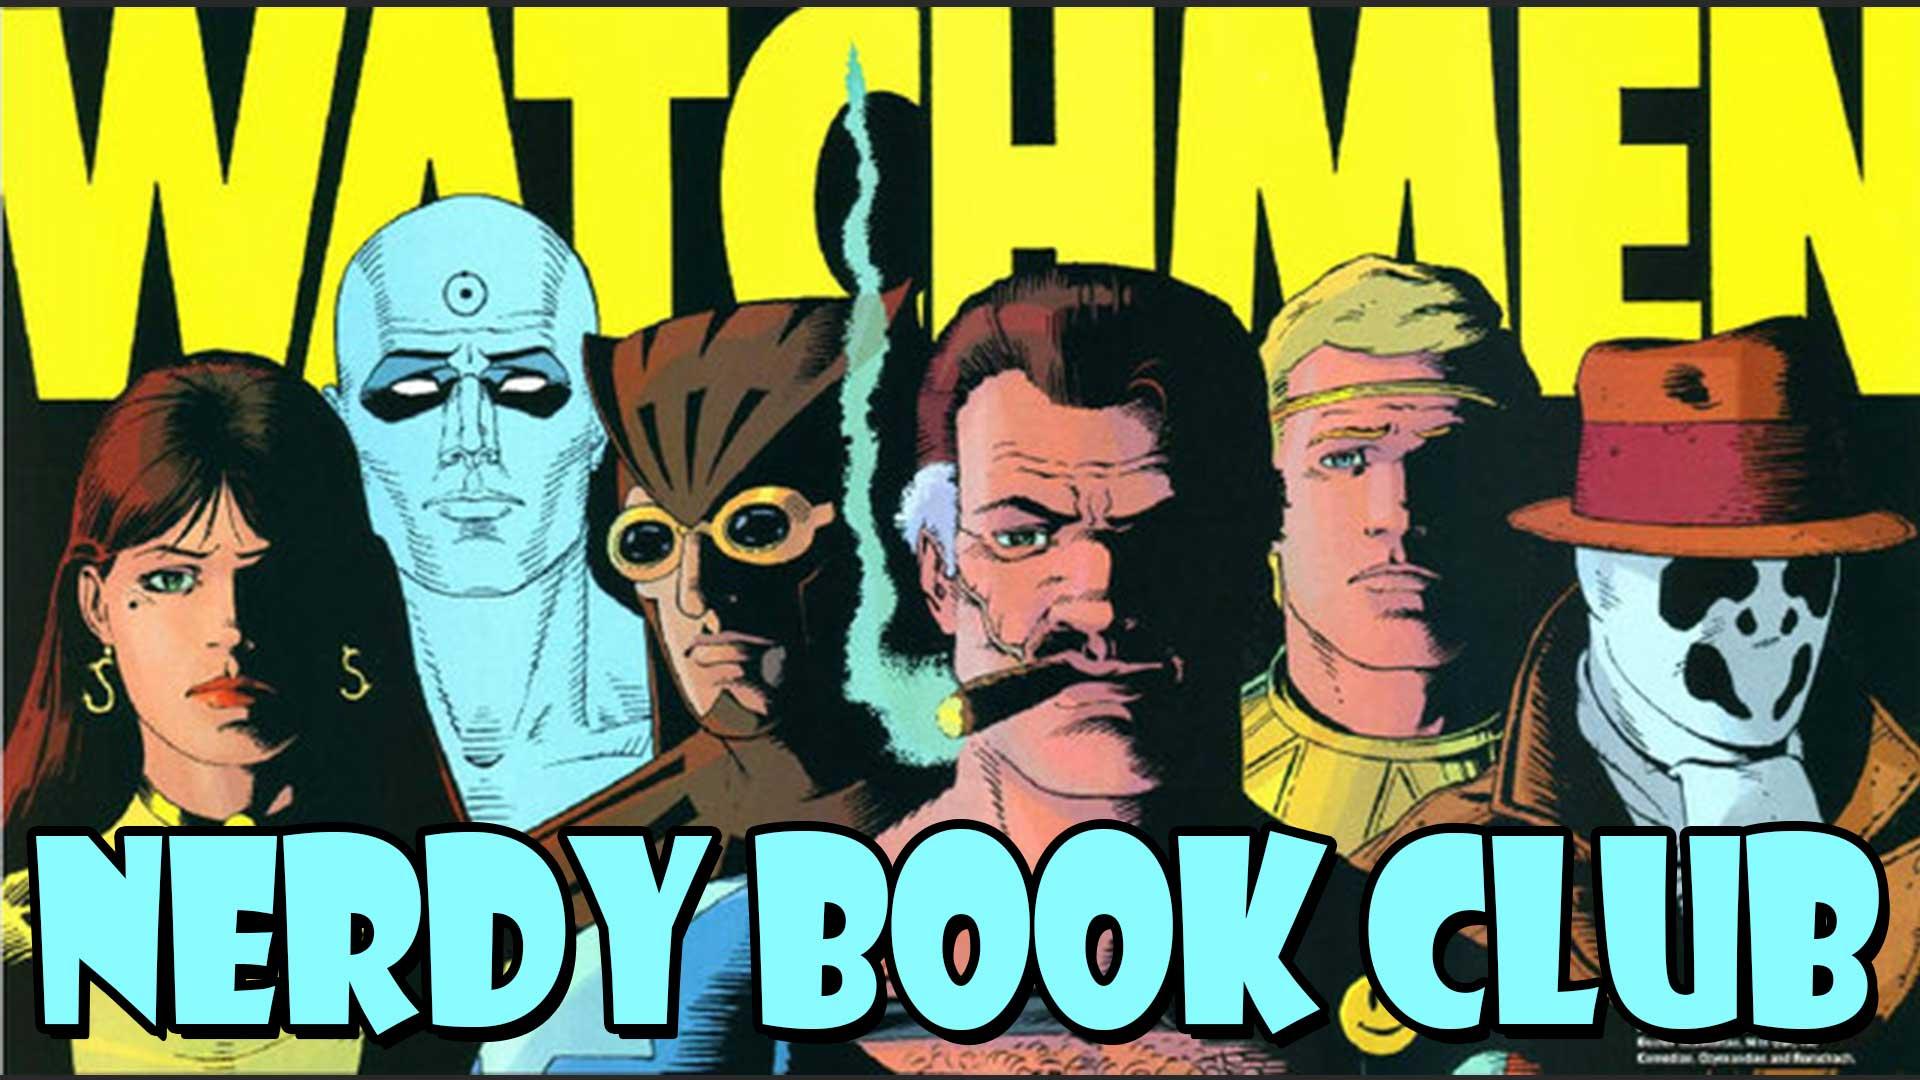 Watchmen - NERDY BOOK CLUB